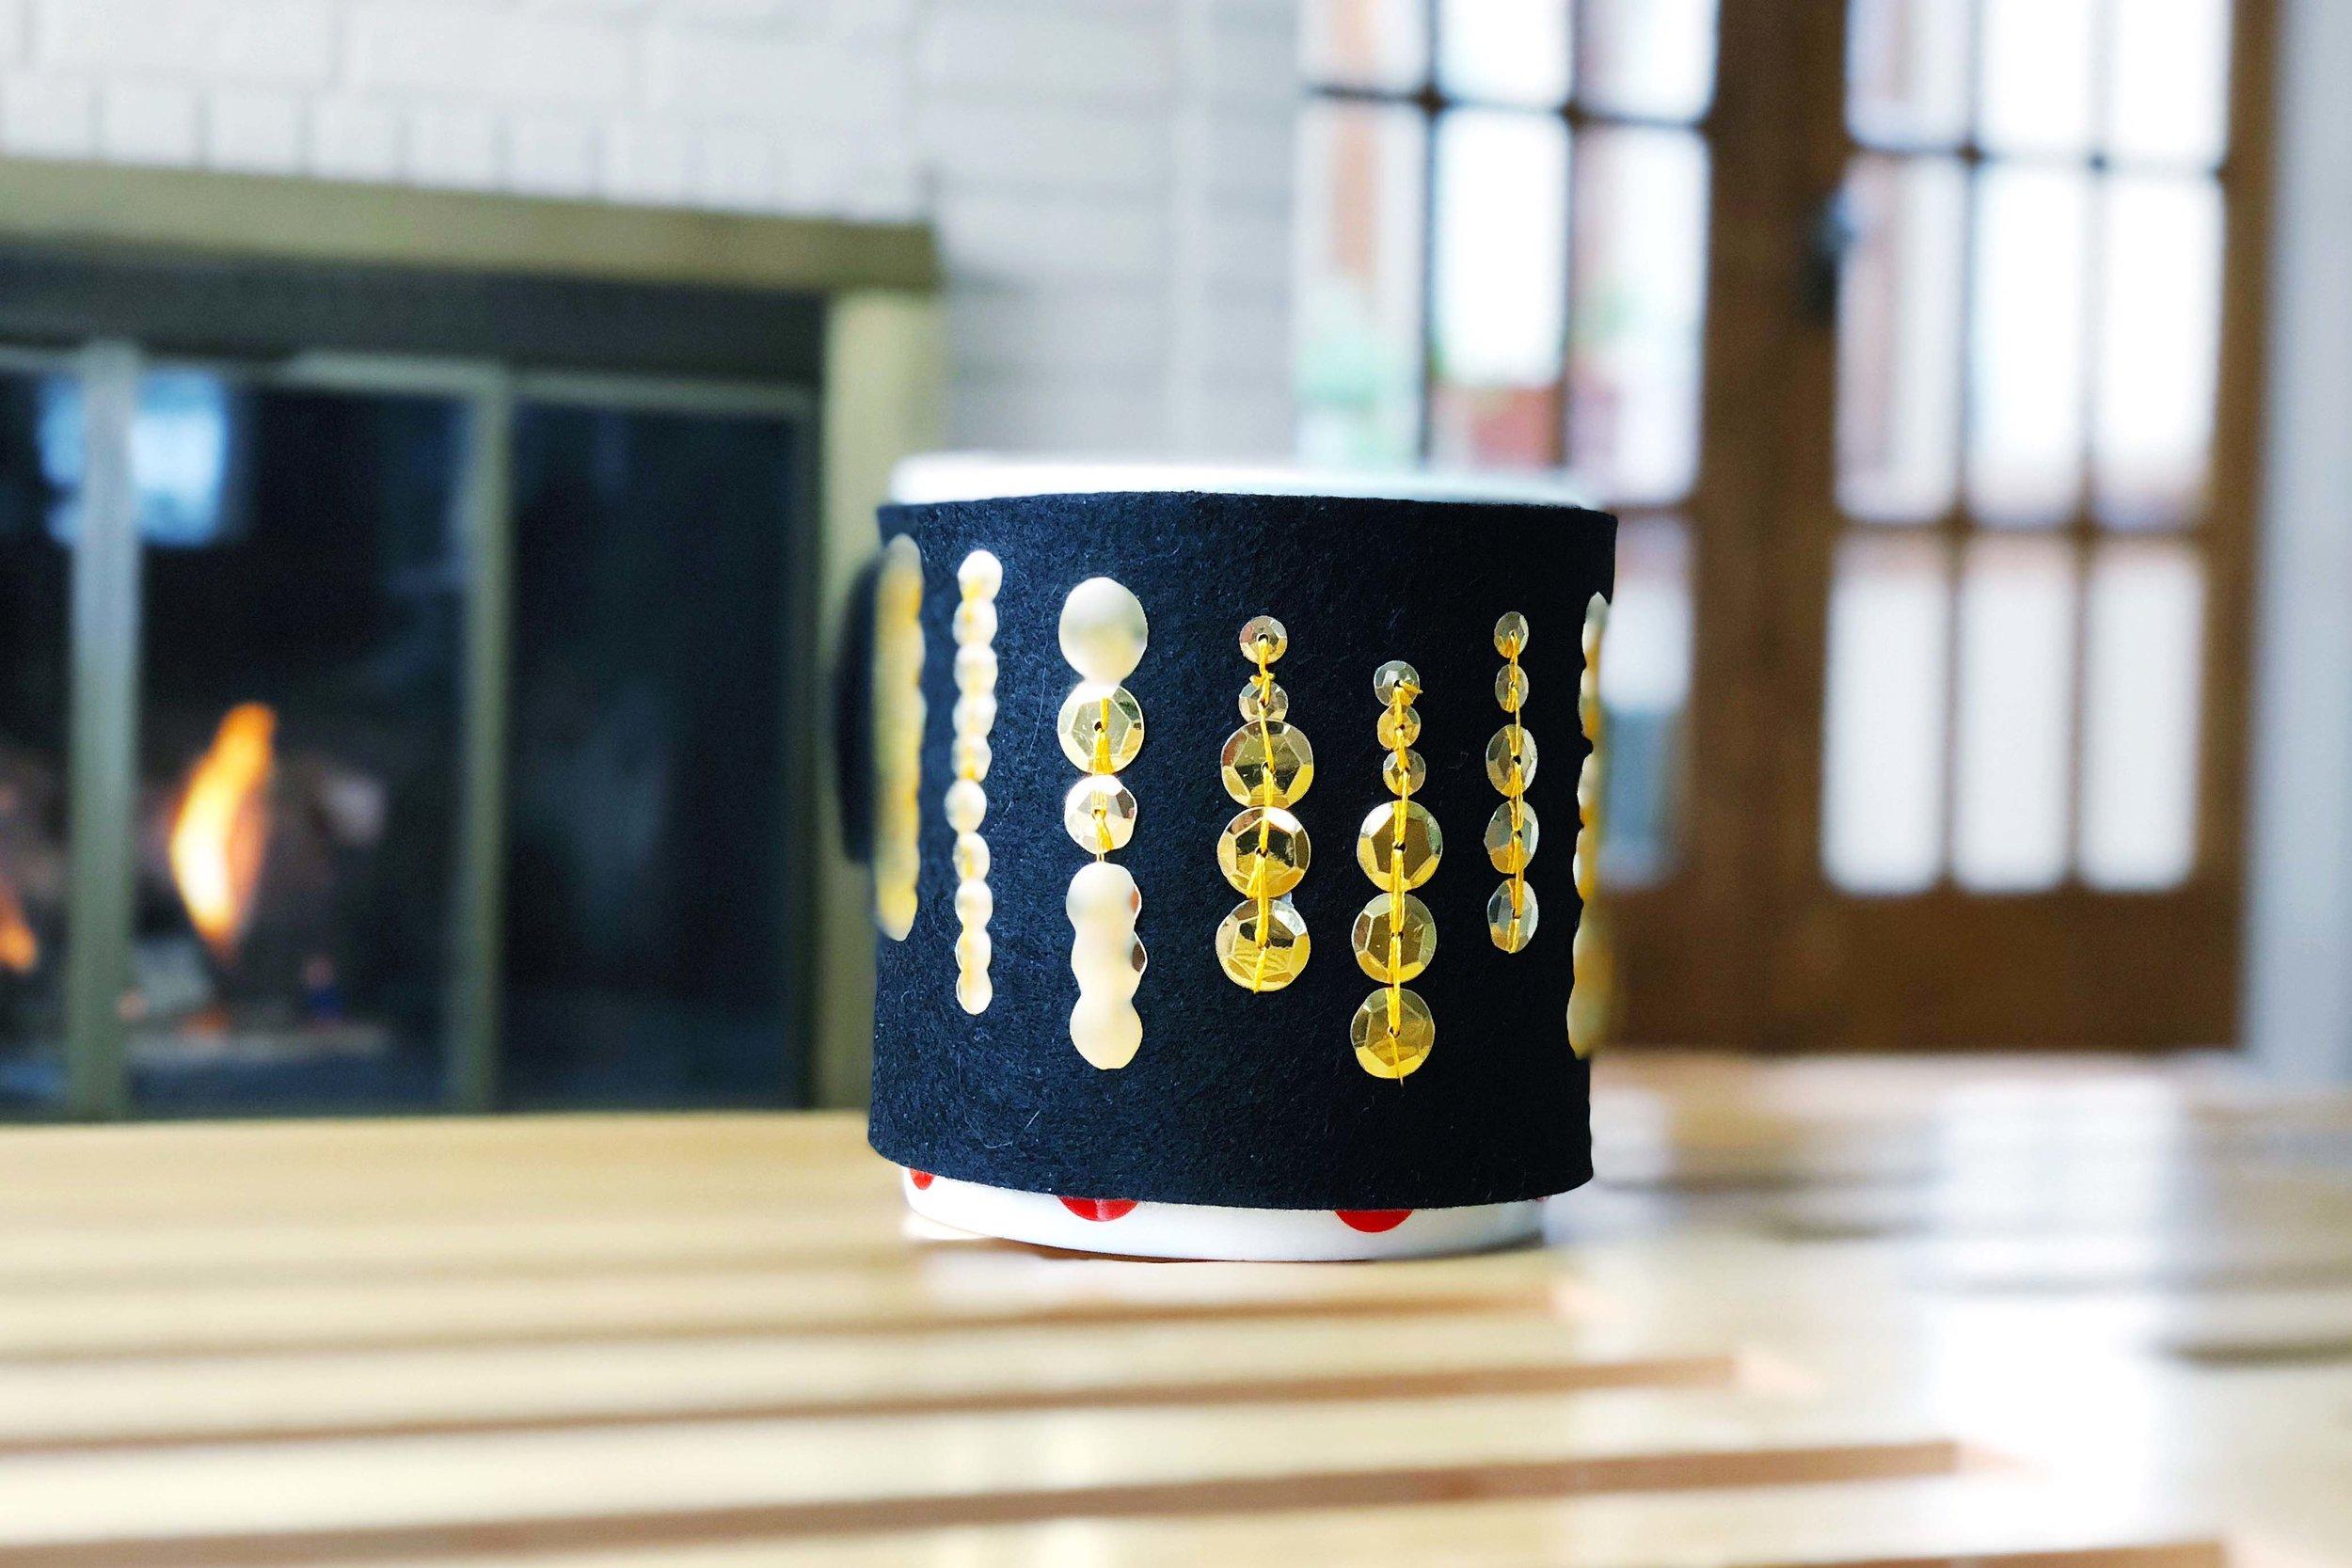 RBG Dissent Collar Coffee Cozy